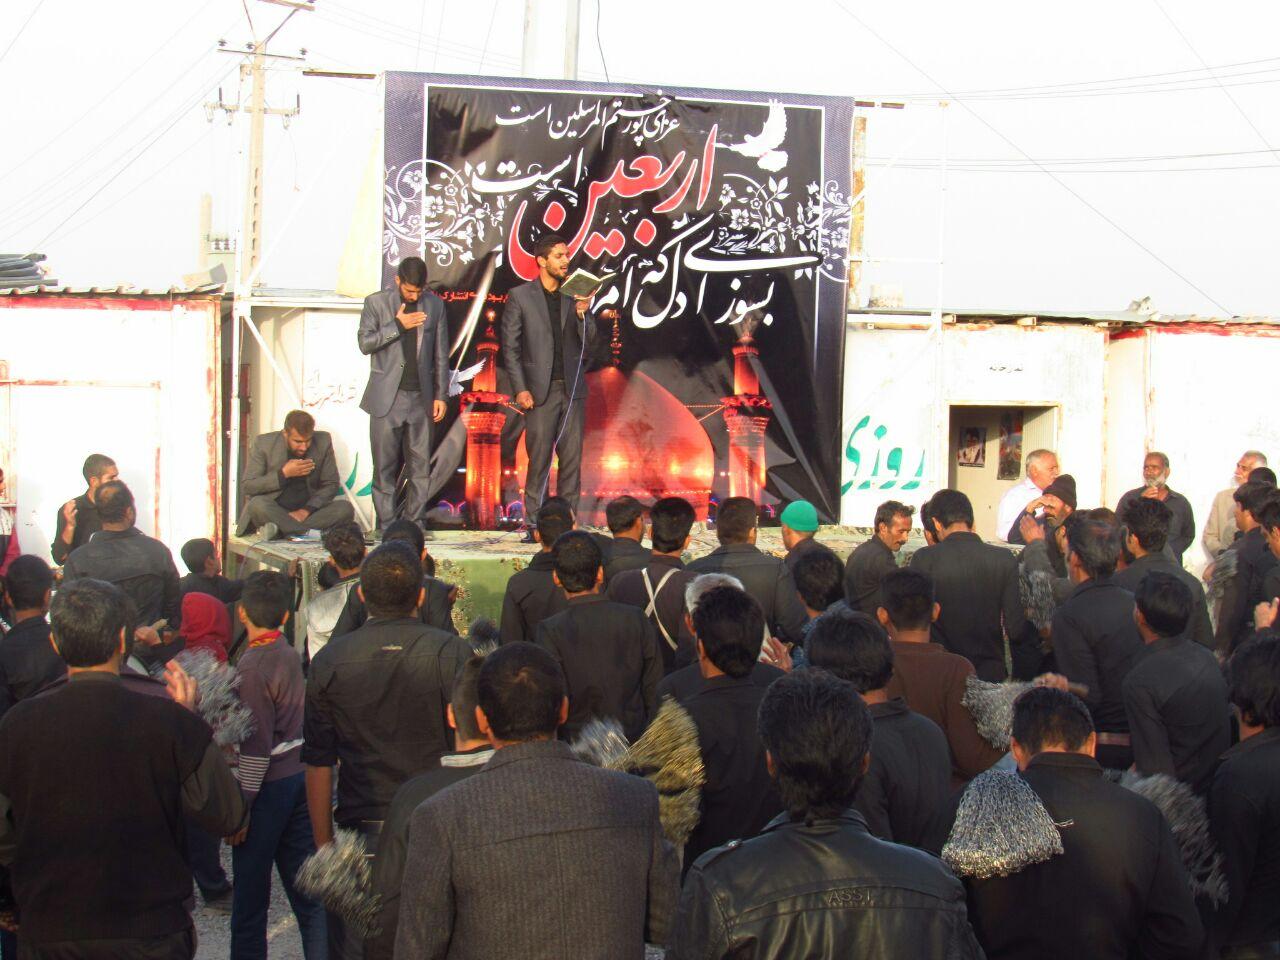 مراسم زنجیزنی کربلایی مهران بارانی مادحین بم در گلزار شهدای گمنام بروات سال۹۵اربعین (کربلا)